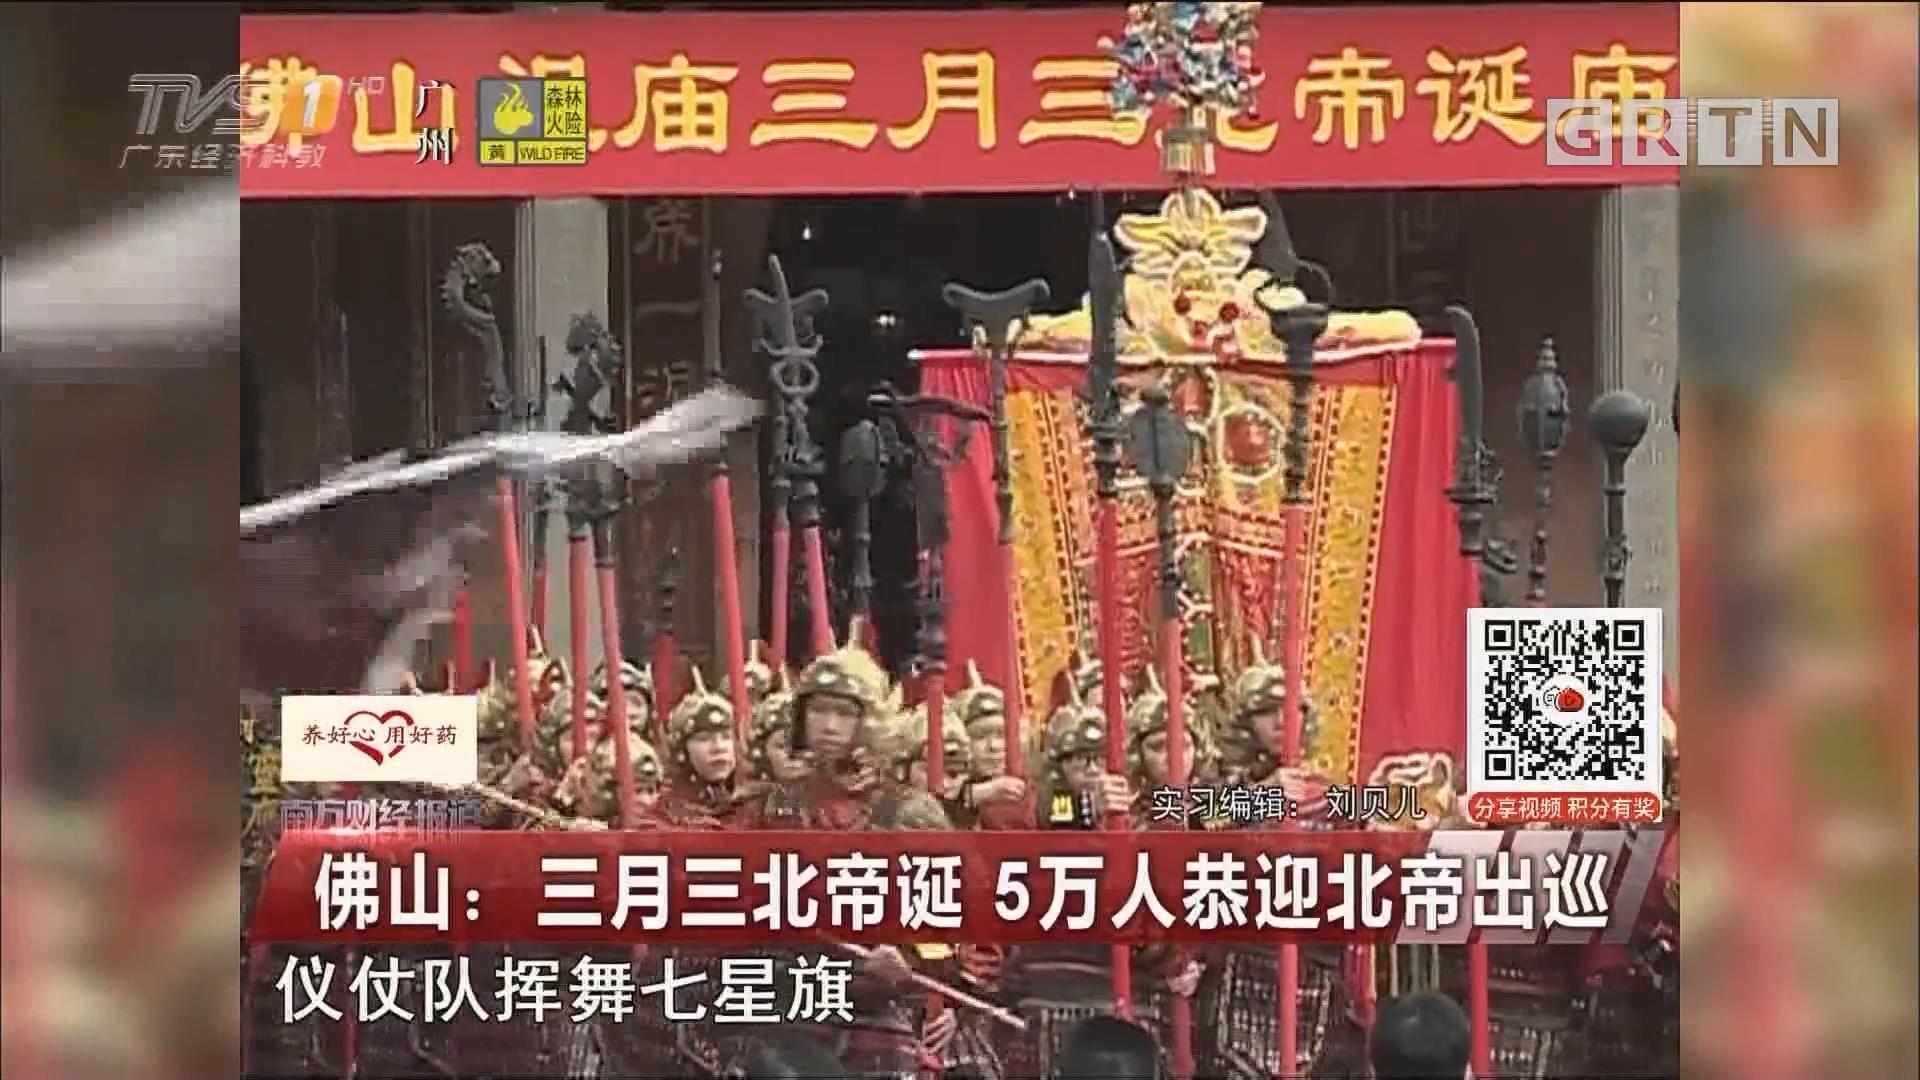 佛山:三月三北帝诞 5万人恭迎北帝出巡